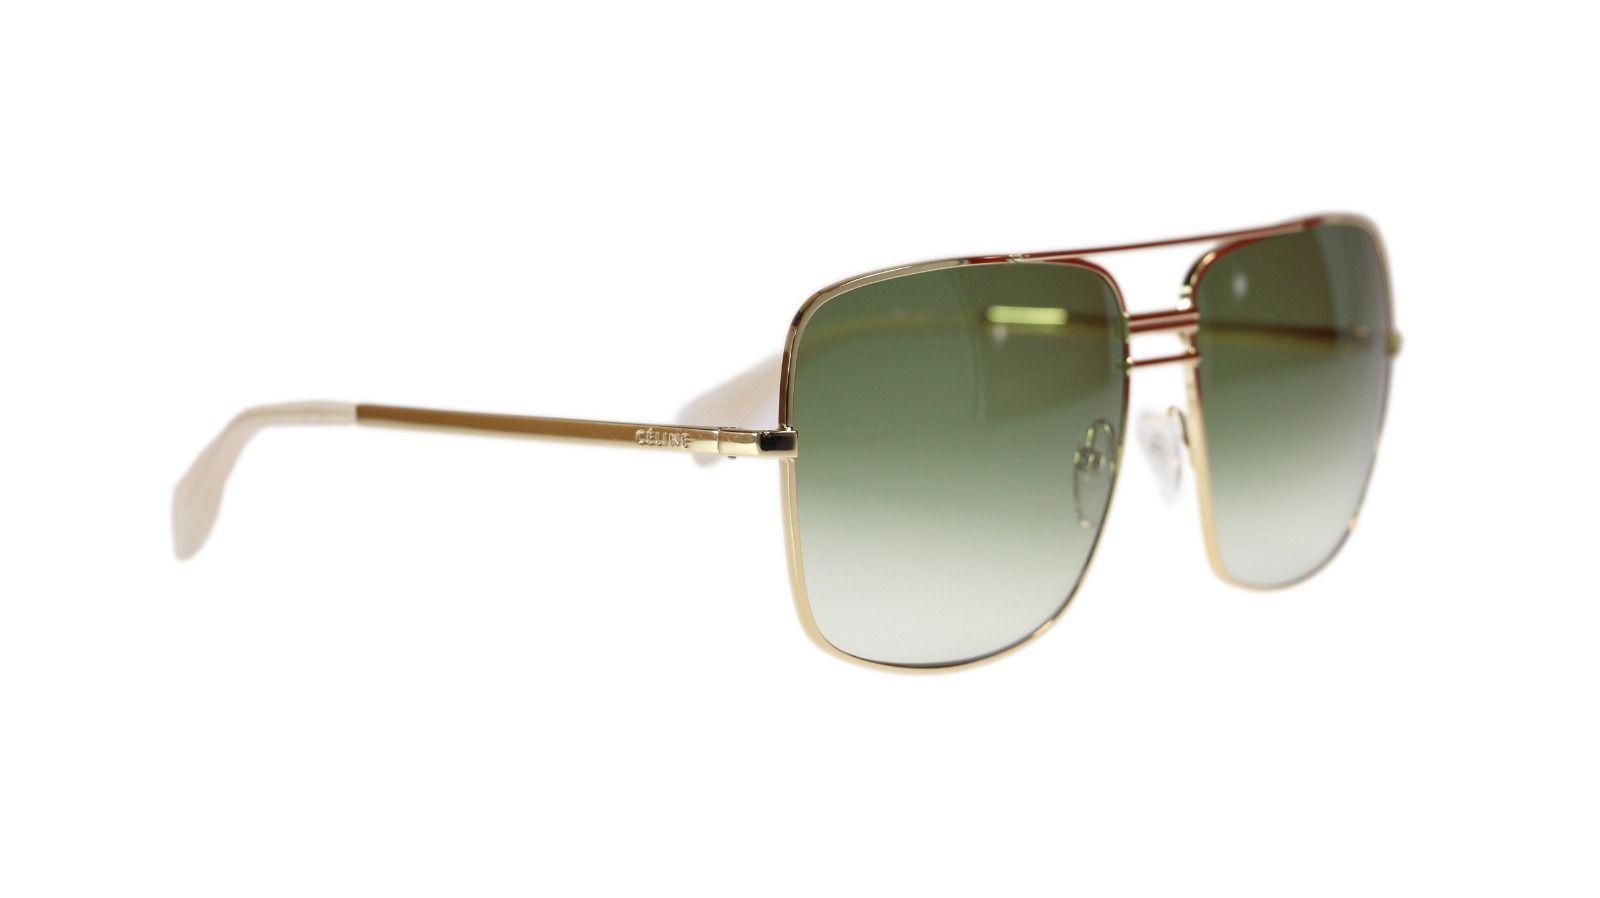 0e5cdaee459 Celine Cl41808 J5G Gold Green Gradient Lens Unisex Square Sunglasses  Authentic